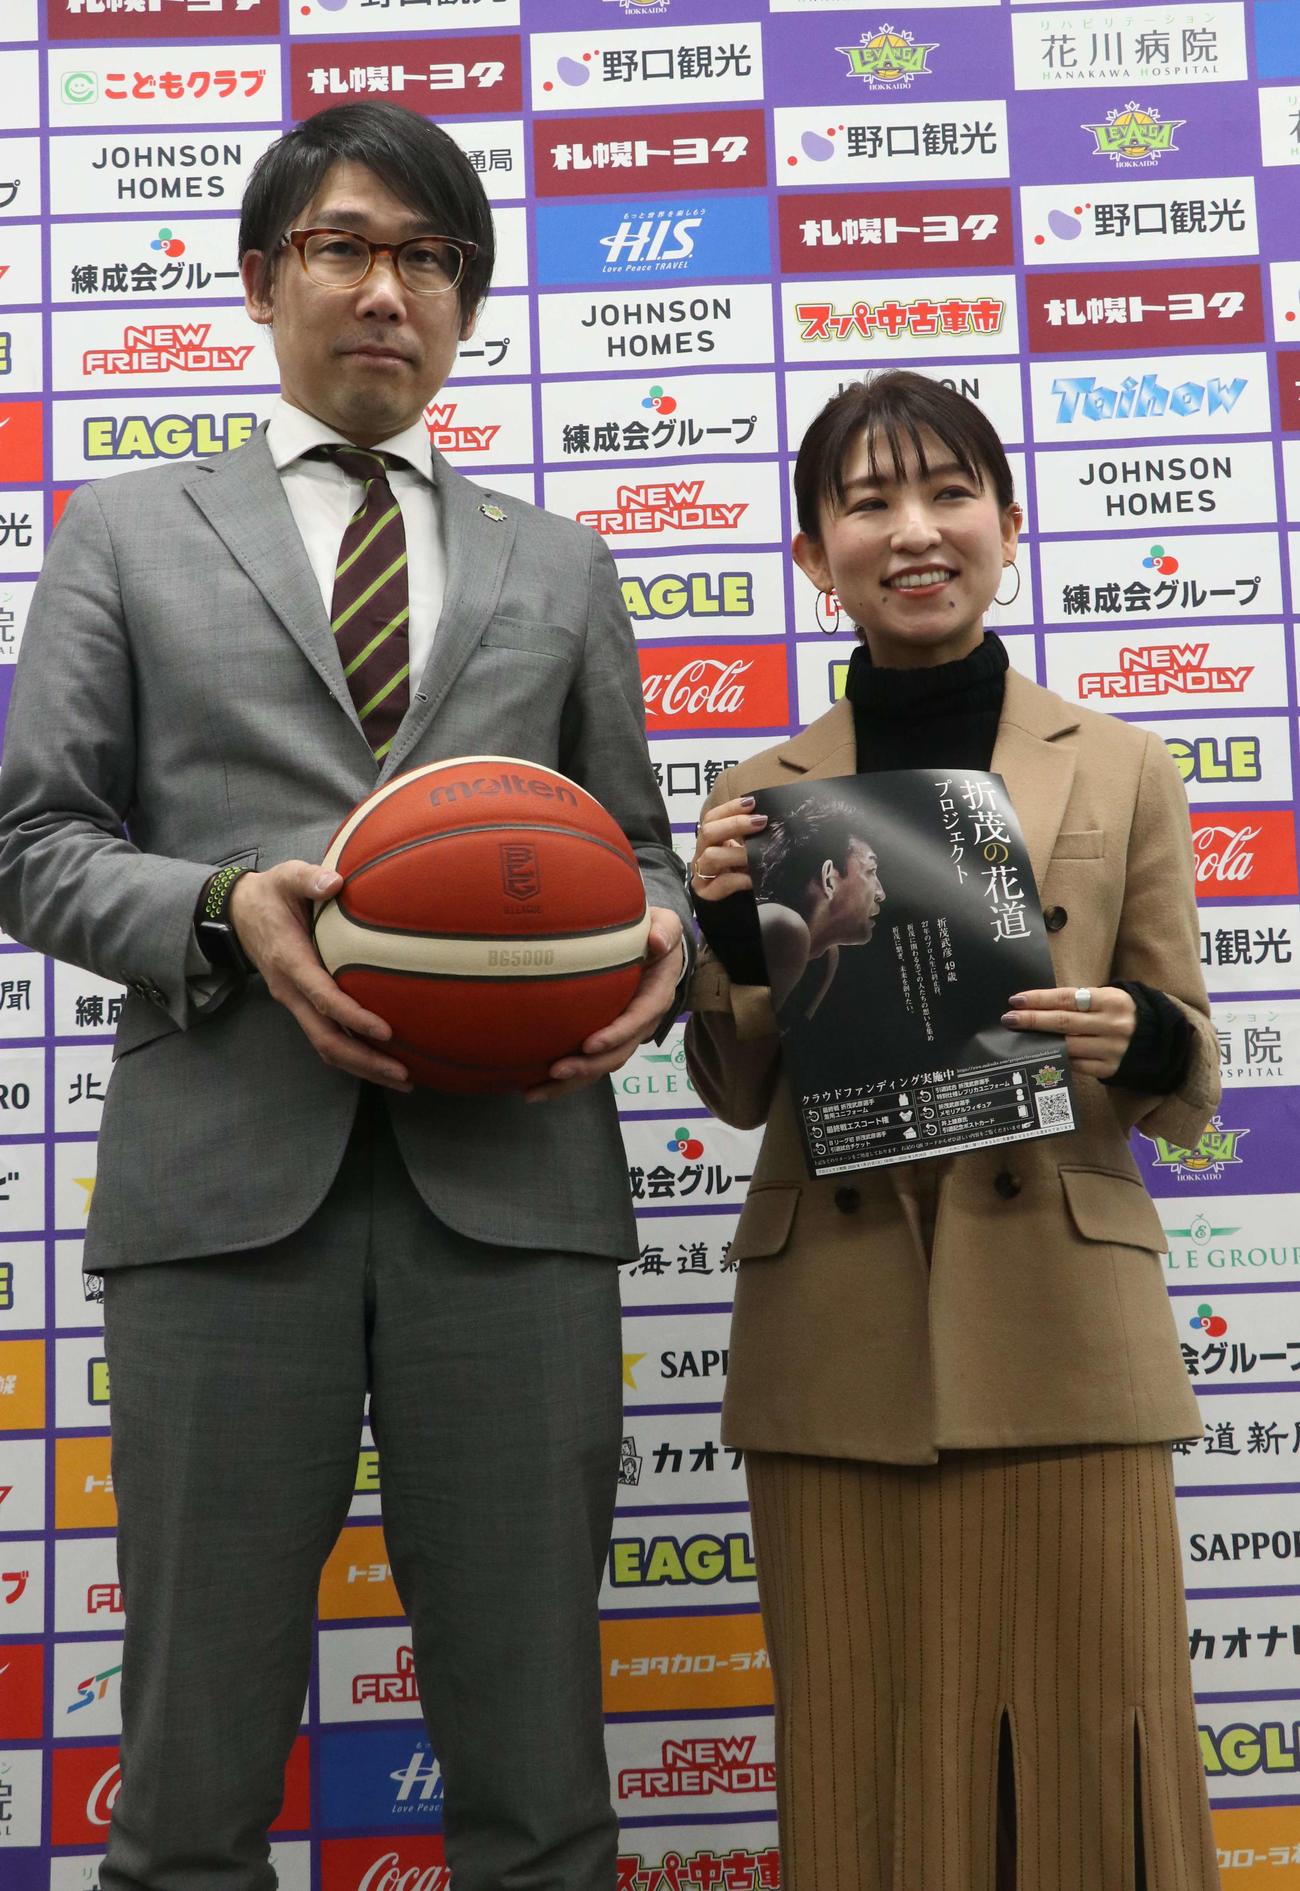 会見に臨んだレバンガ北海道横田CEO(左)と株式会社マクアケの坊垣共同創業者兼取締役(撮影・浅水友輝)